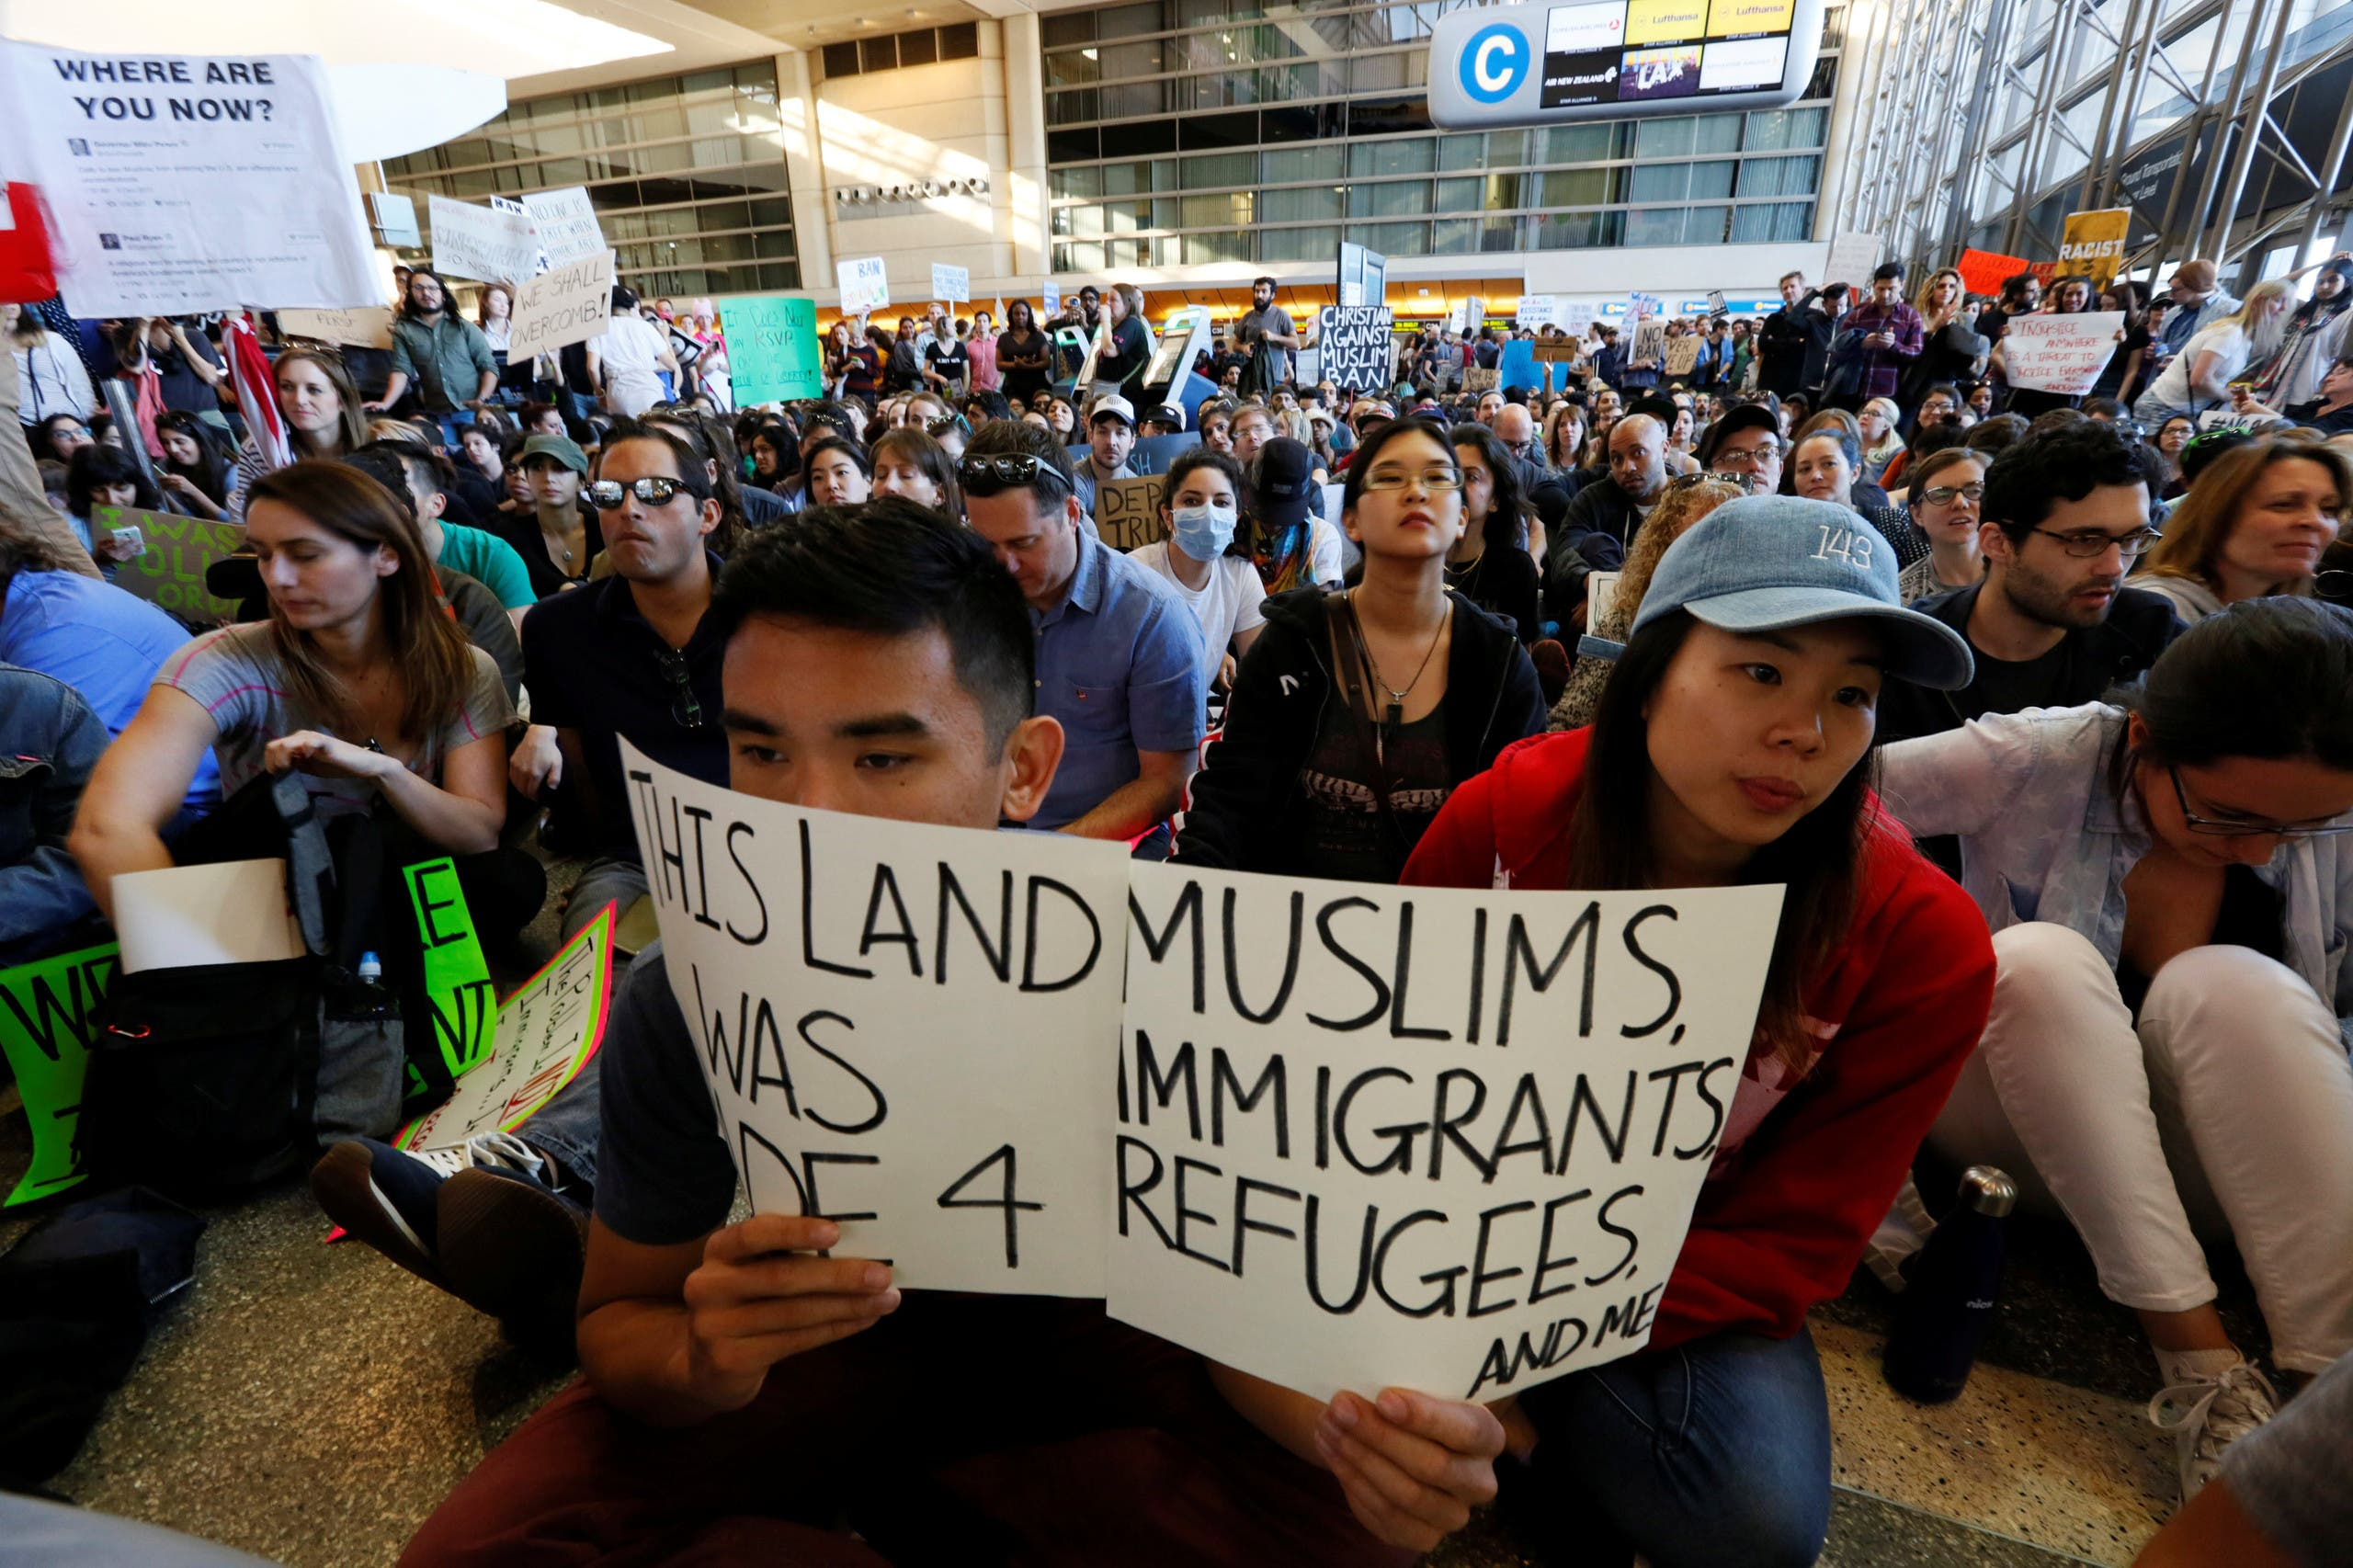 من احتجاجات كاليفورنيا